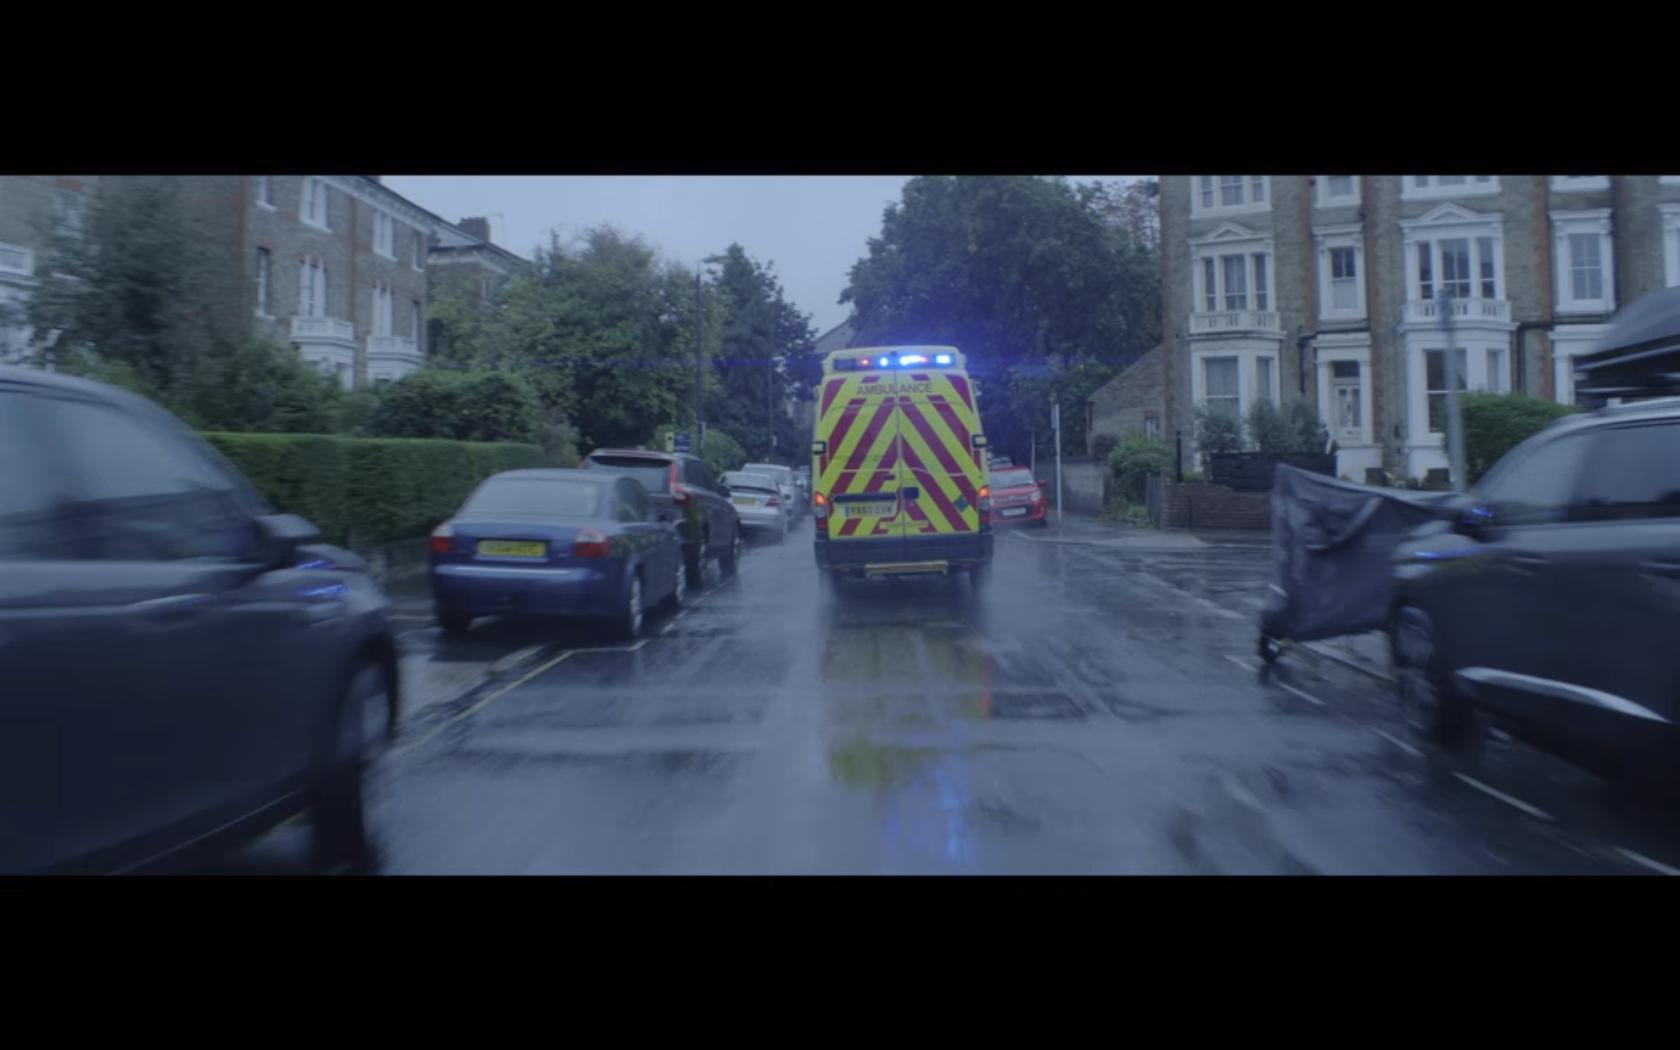 Oa ambulance